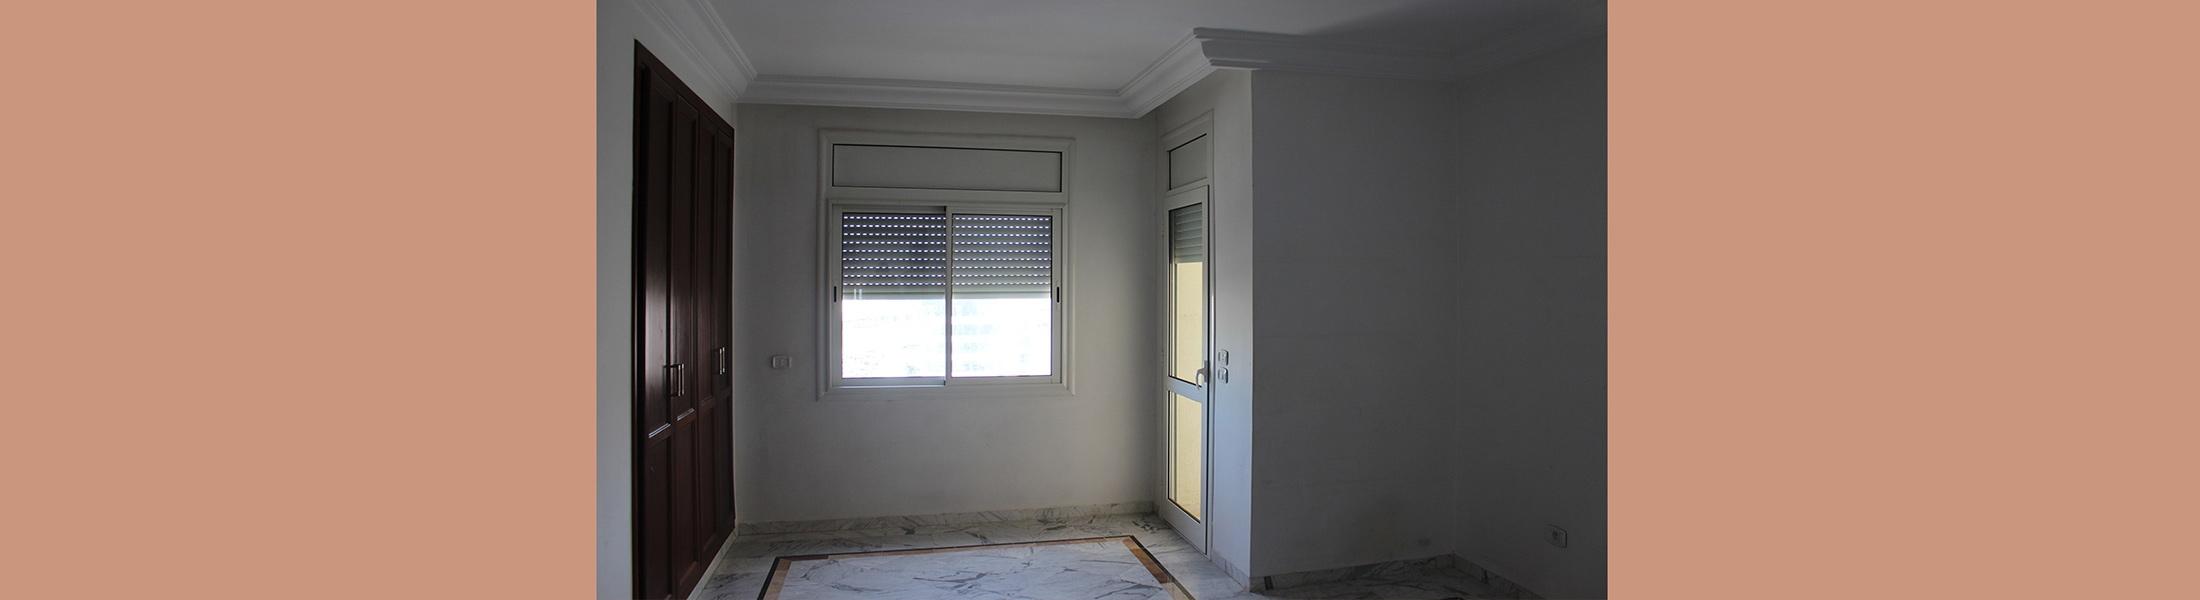 الشقة سيتي سنتر 6 كائنة بالمركز العمراني الشمالي - تونس (طلب العروض عدد 07 لسنة 2020)